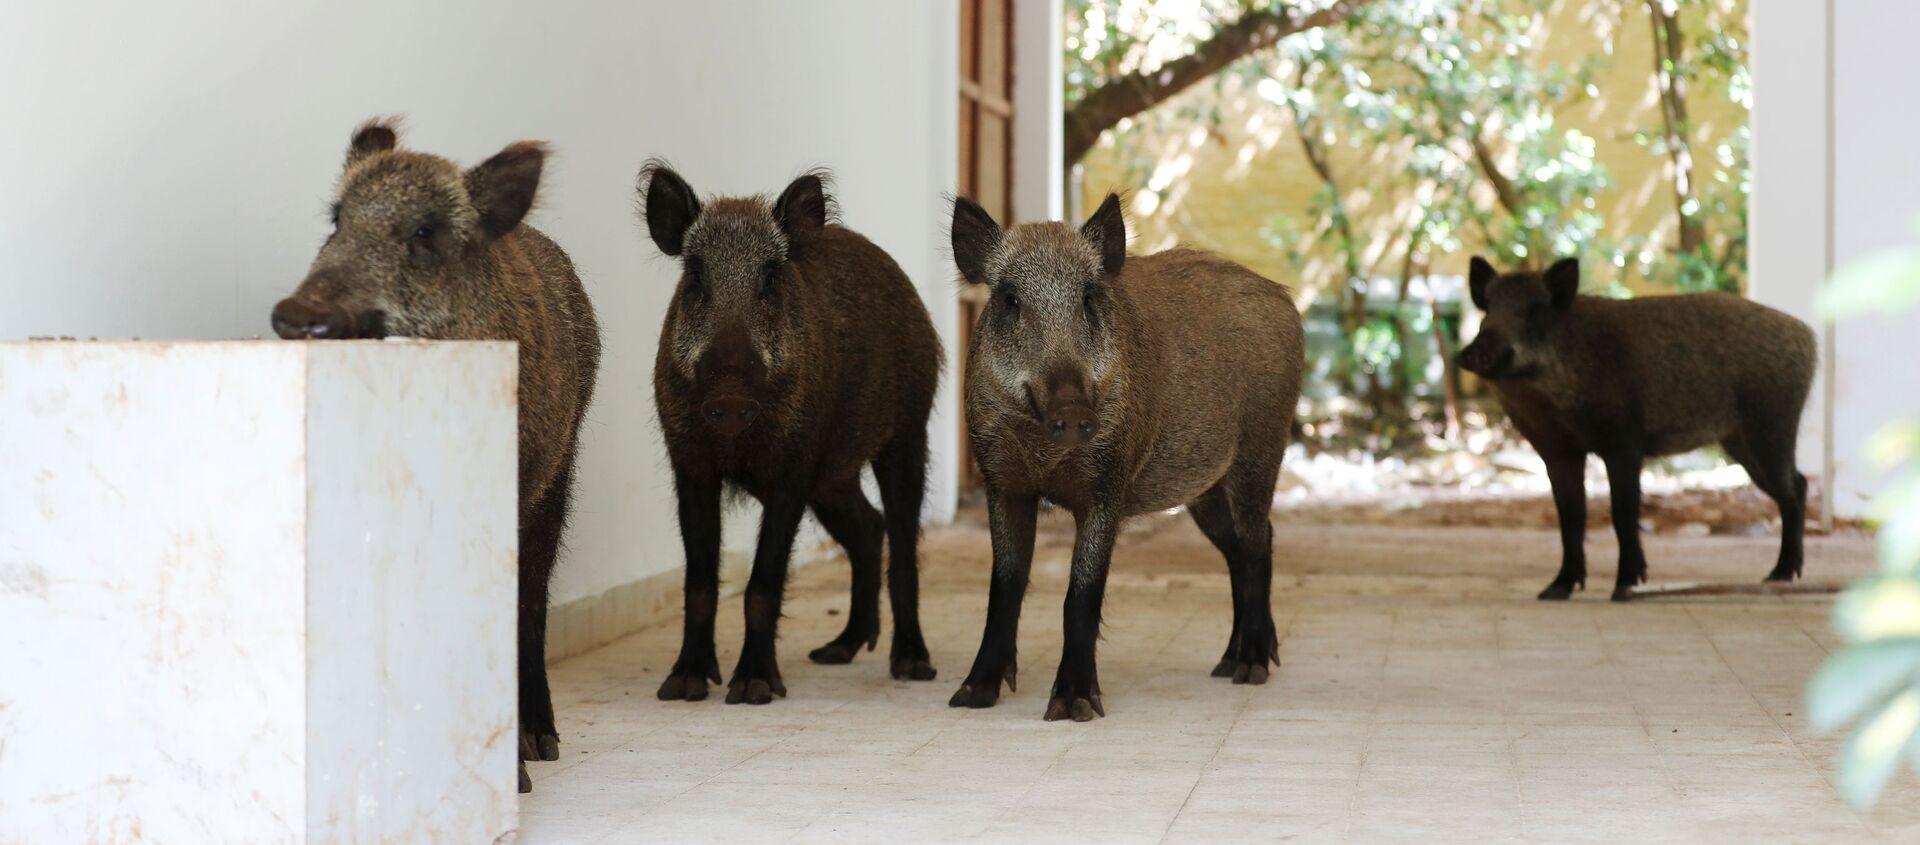 Lợn rừng vào thăm sân trong một ngôi nhà ở Haifa, Israel - Sputnik Việt Nam, 1920, 20.04.2020